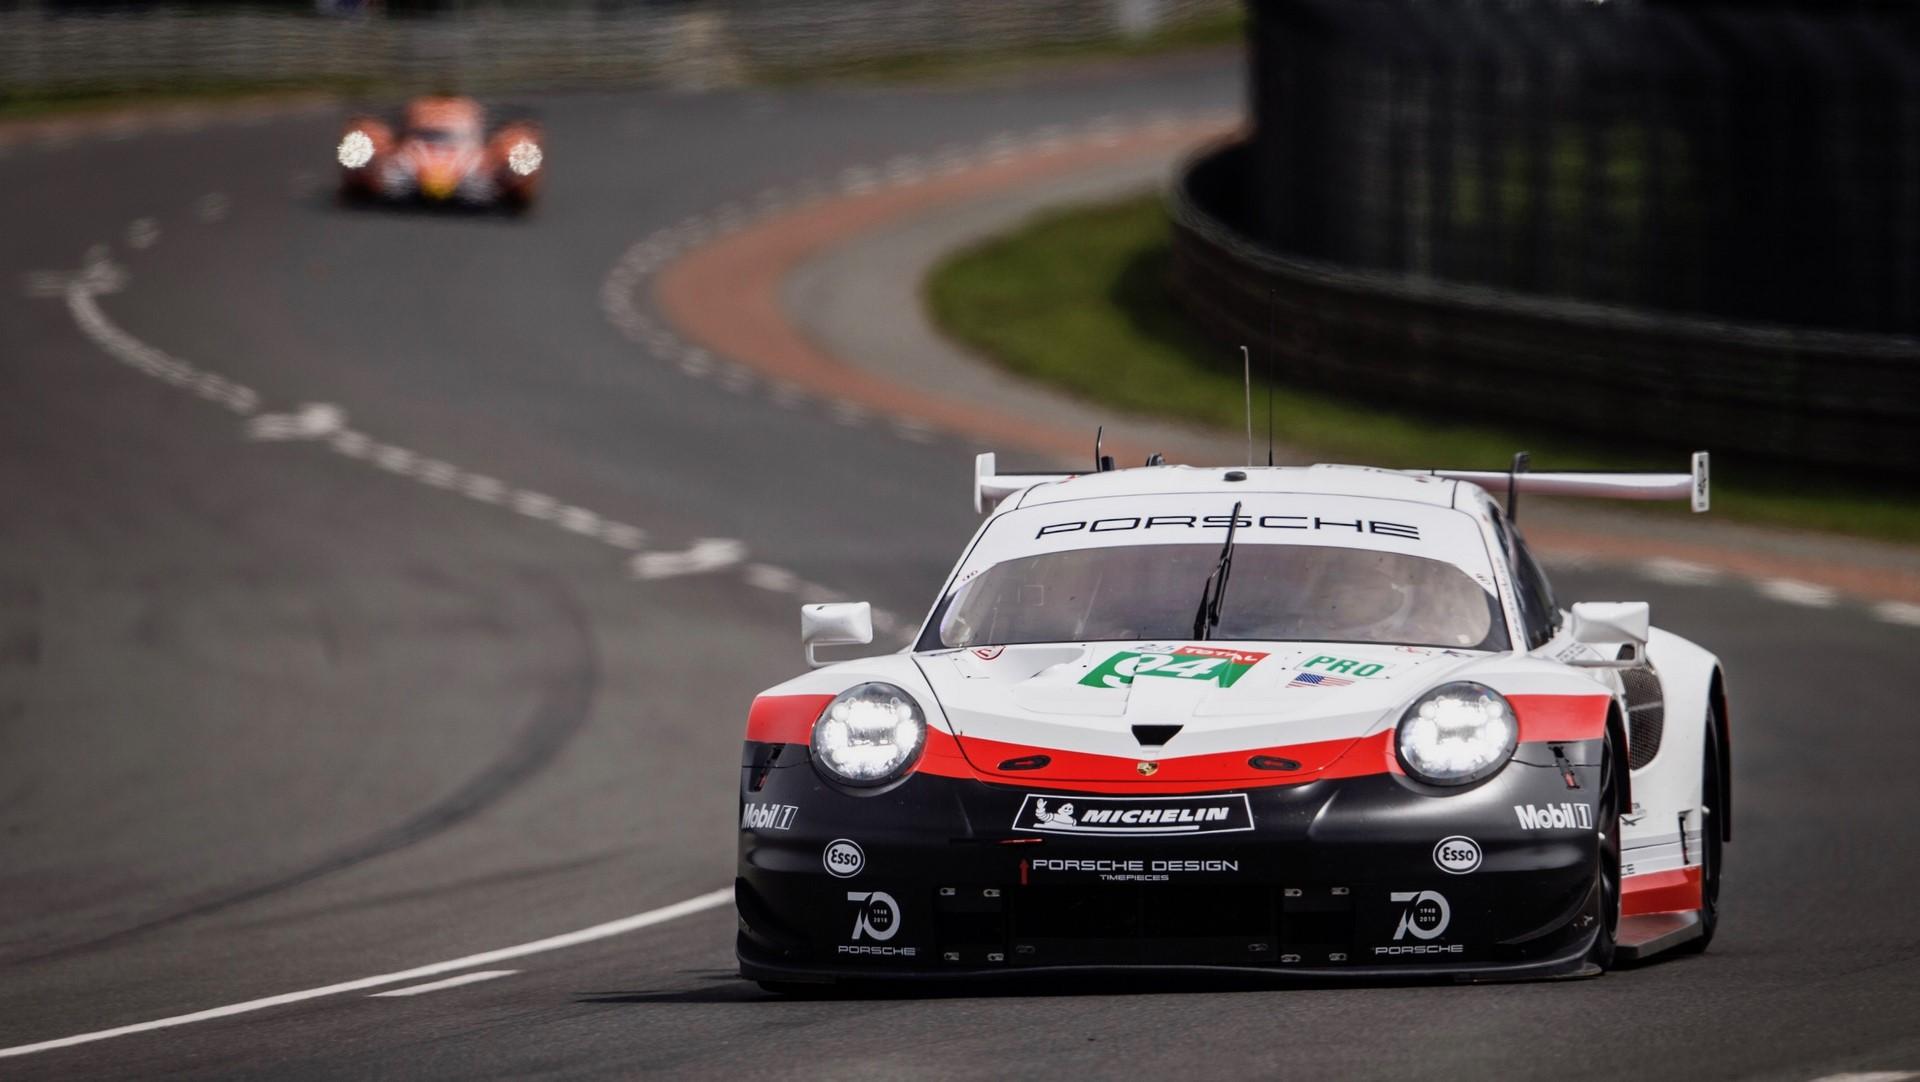 Porsche 911 RSR, Porsche GT Team (94), Timo Bernhard (D), Romain Dumas (F), Sven Müller (D), Le Mans 2018